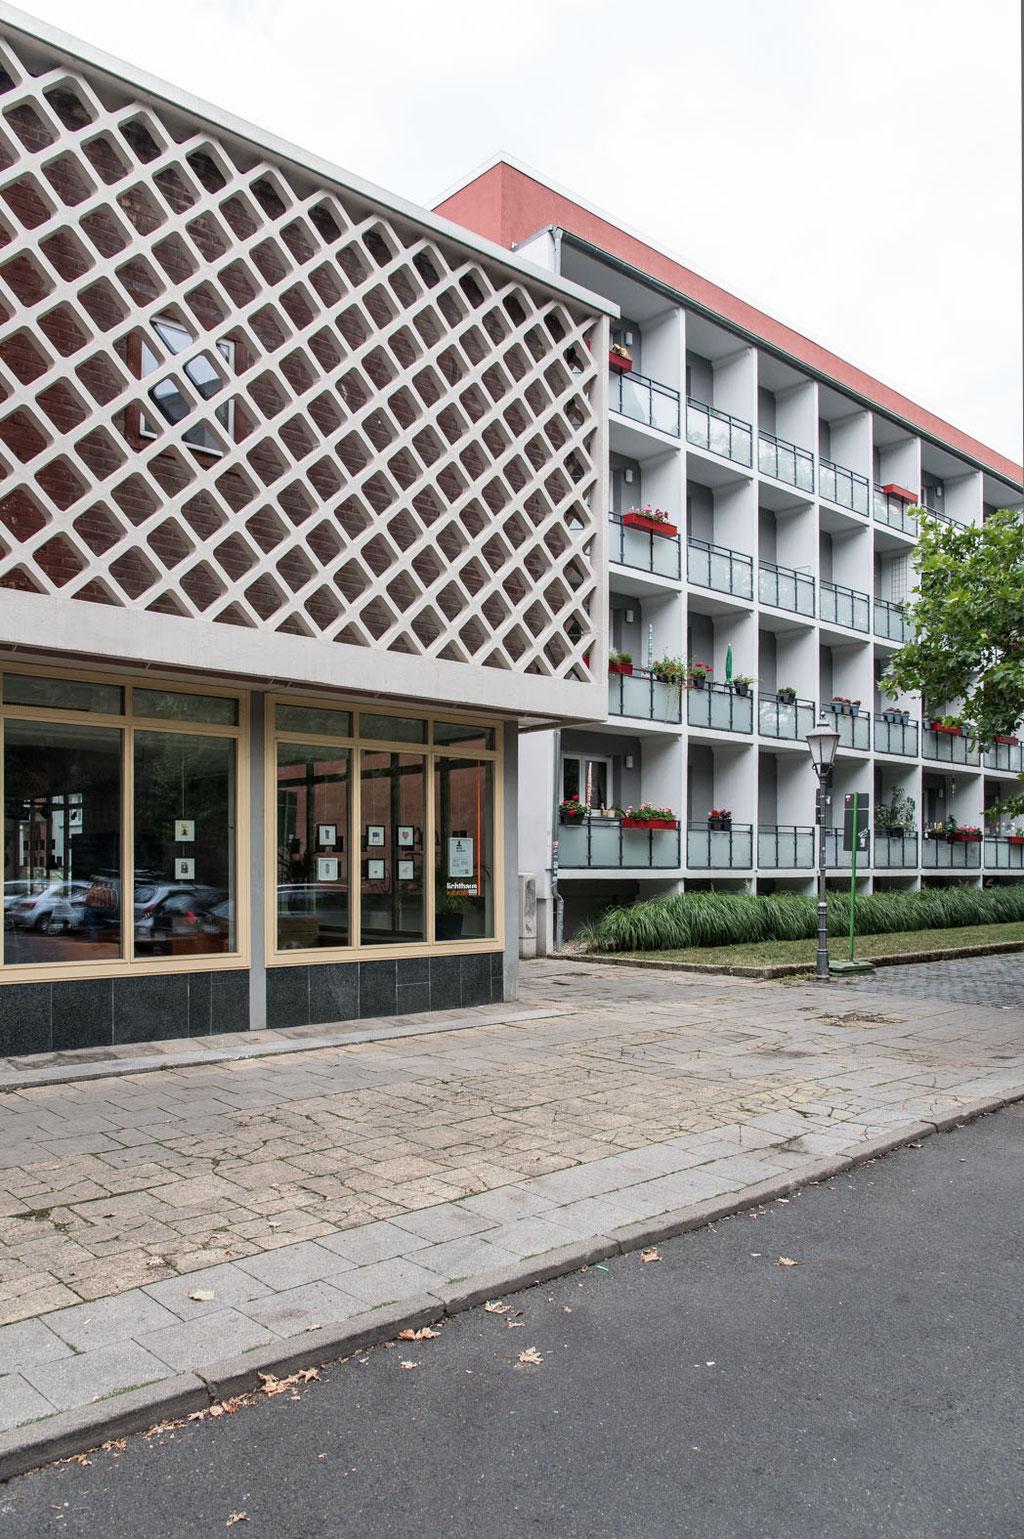 Lichtstudio Halle, Zentrum für Lichtversuche (Kollektiv O. Arlt), heute Lichthaus-Kulturcafé, Dreyhauptstraße, Halle (D)